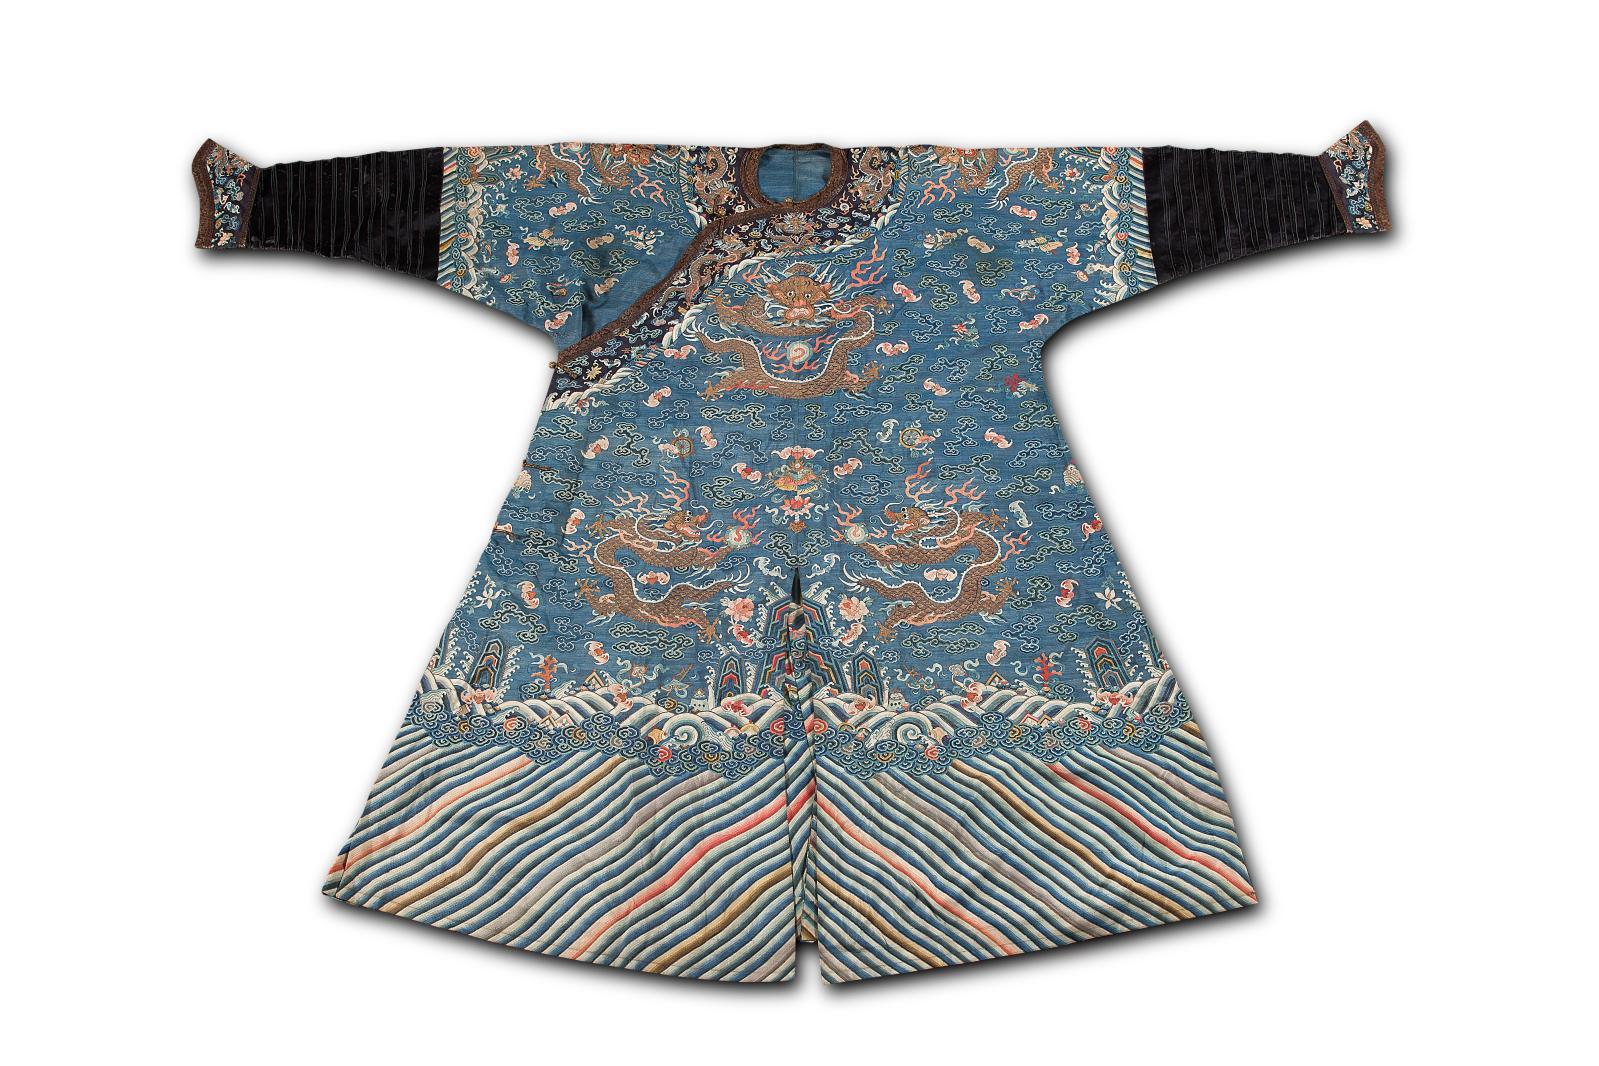 Sous les empereurs de la dynastie Qing, la robe impériale est reprise de la tenue mongole adaptée à l'équitation. Celle-ci, prisée 5000/8000€, date